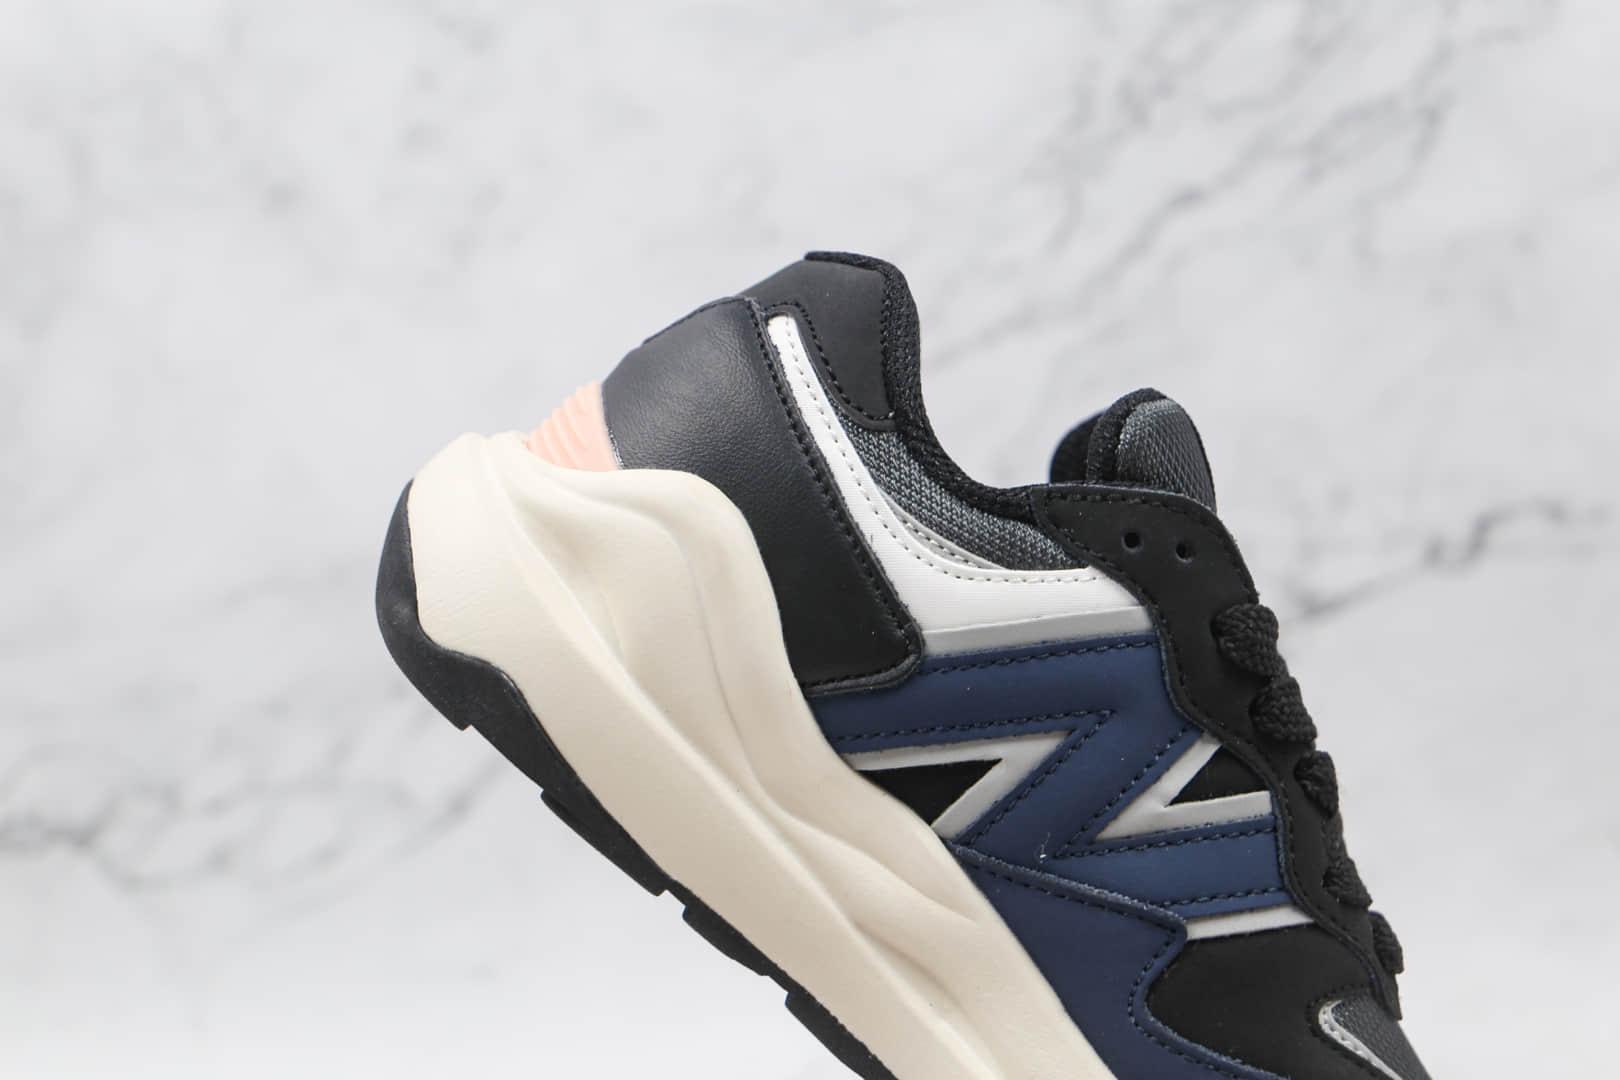 新百伦New Balance 5740纯原版本黑蓝色NB5740复古慢跑鞋原档案数据开发 货号:W5740LB